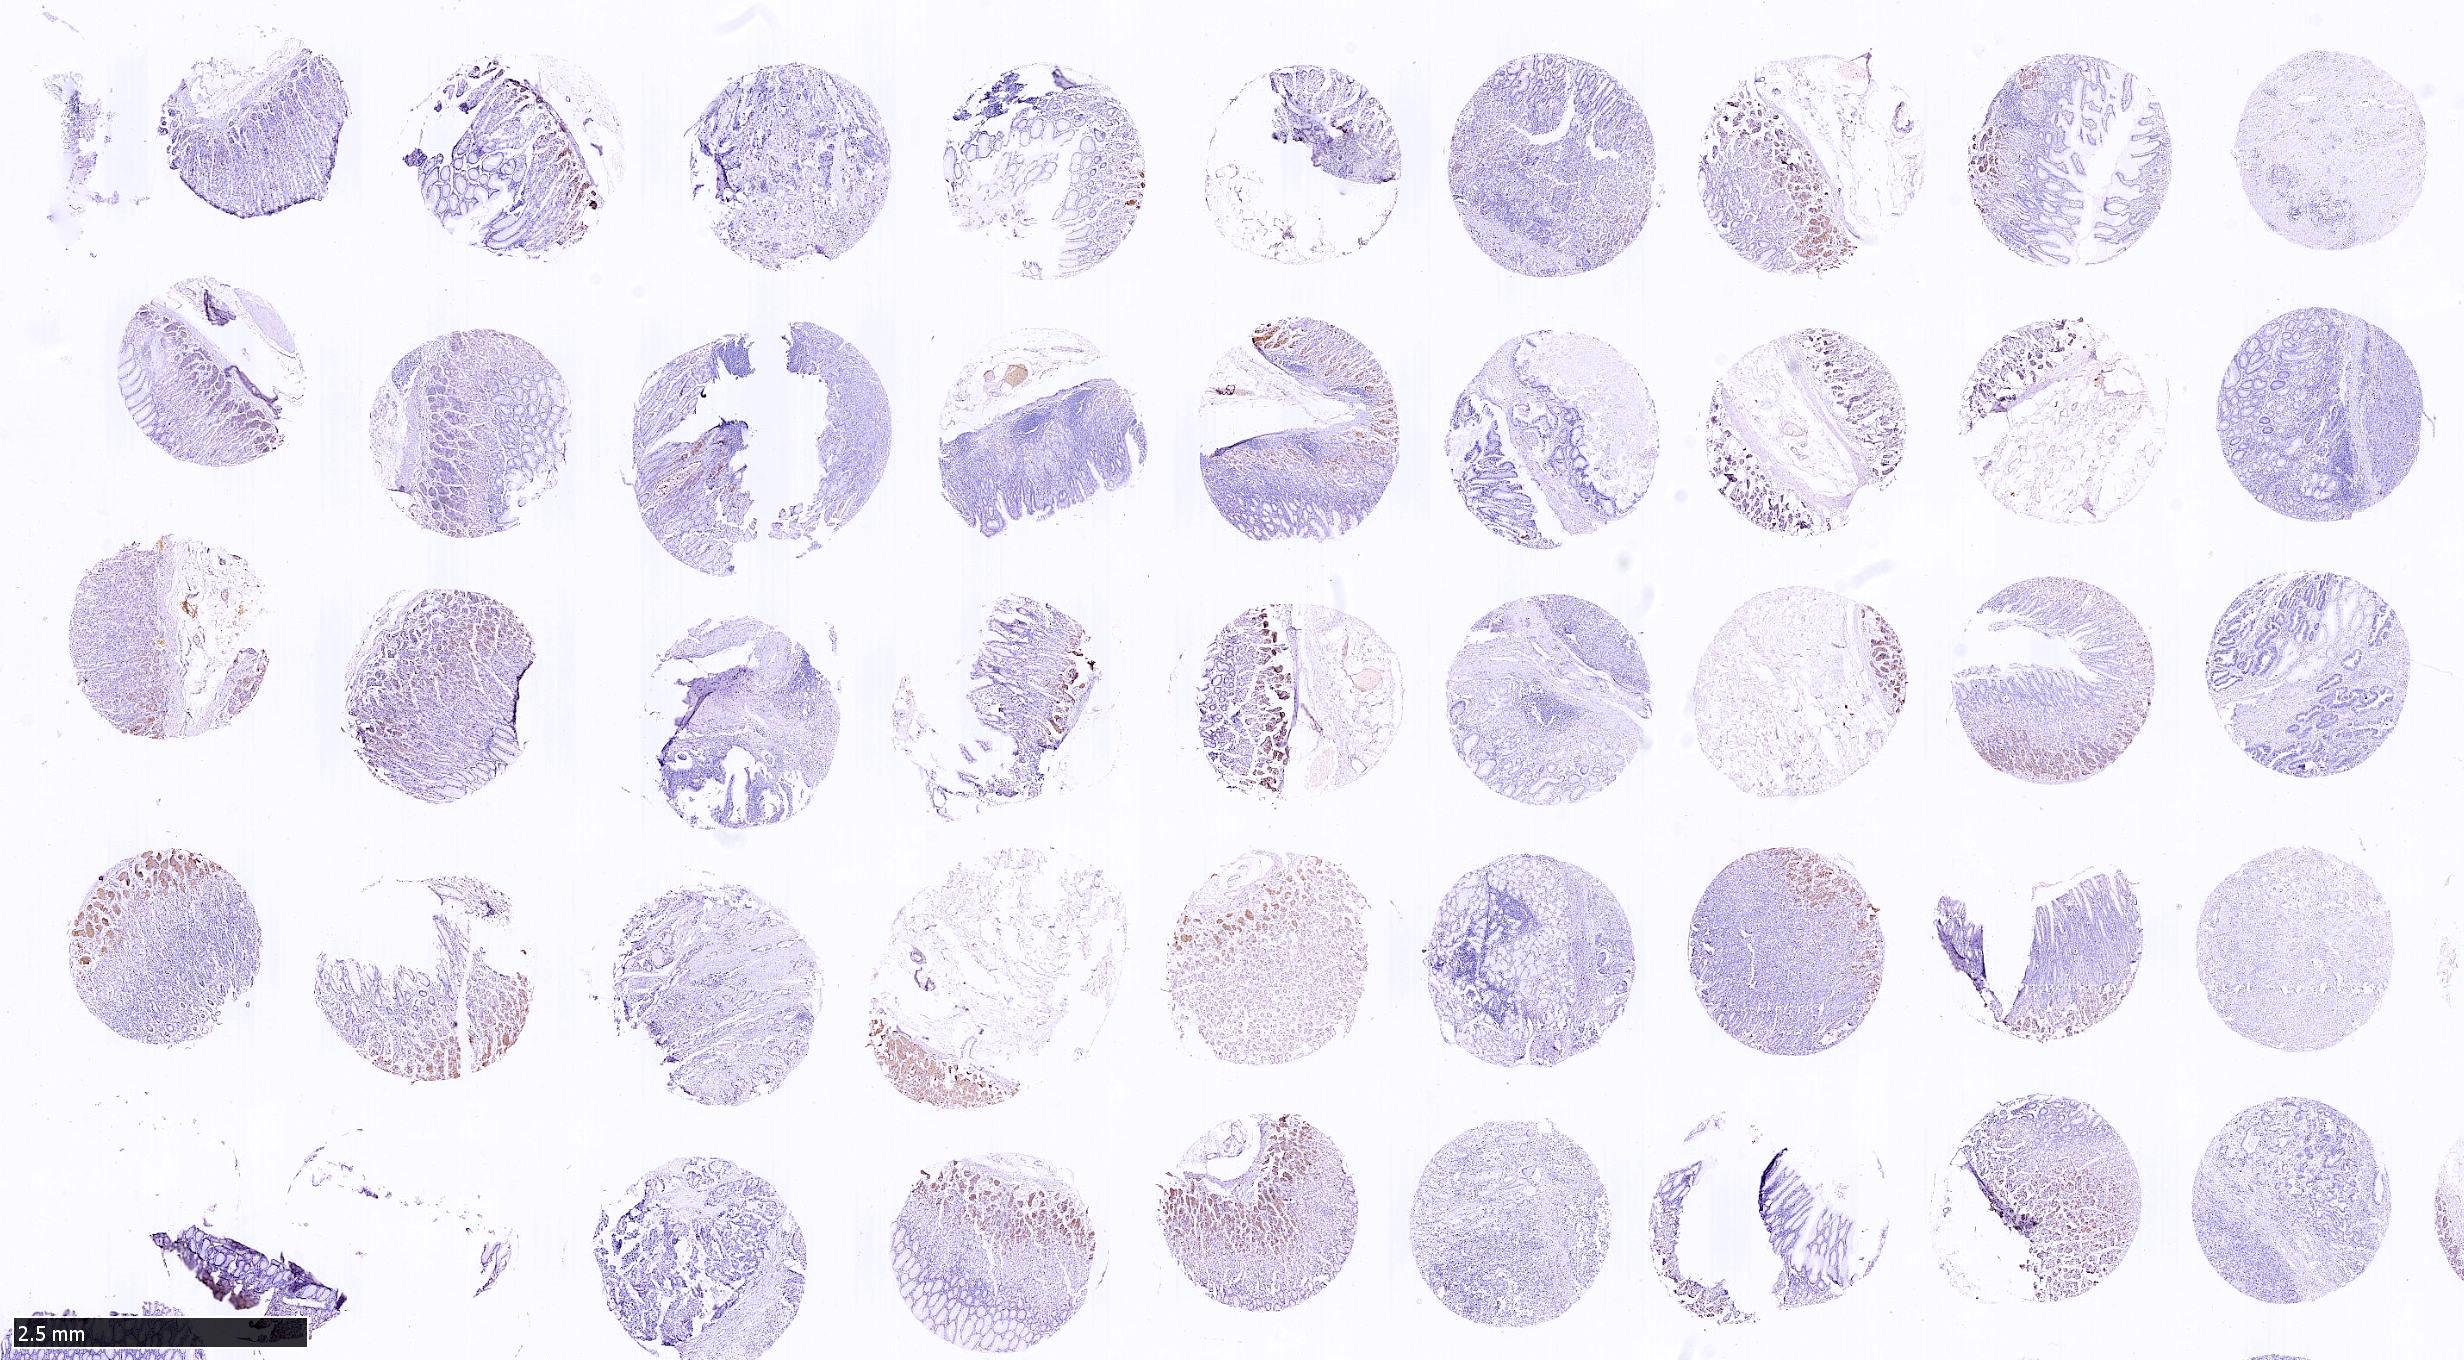 胃癌(幽门螺杆菌易感区域)80例240点组织芯片